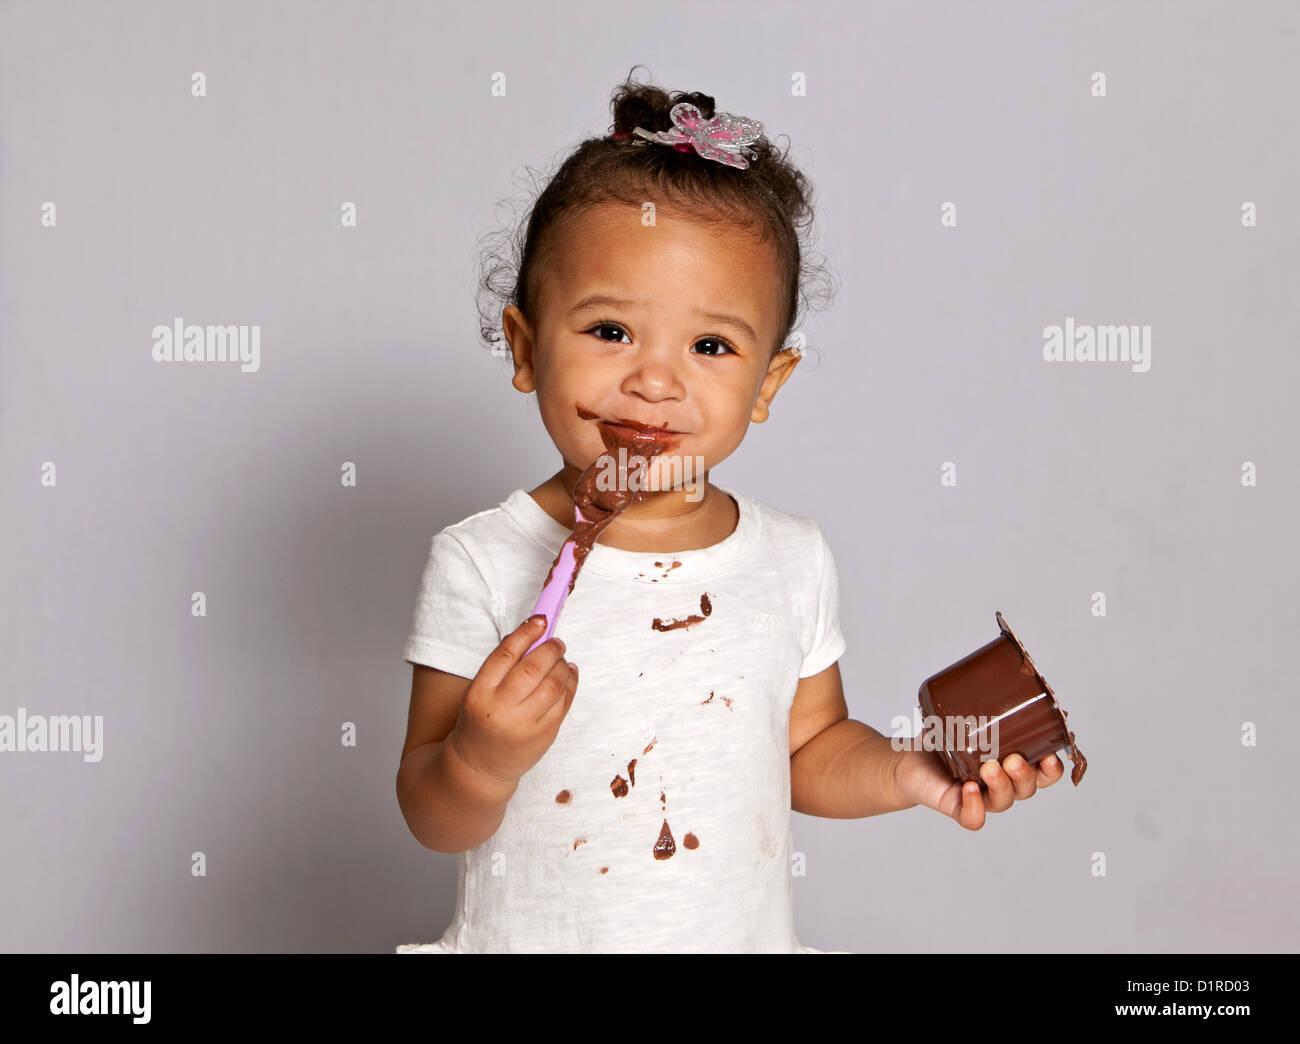 Niedliche kleine Mädchen, Kleinkind, ein Chaos essen Schokolade Wüste. Stockbild